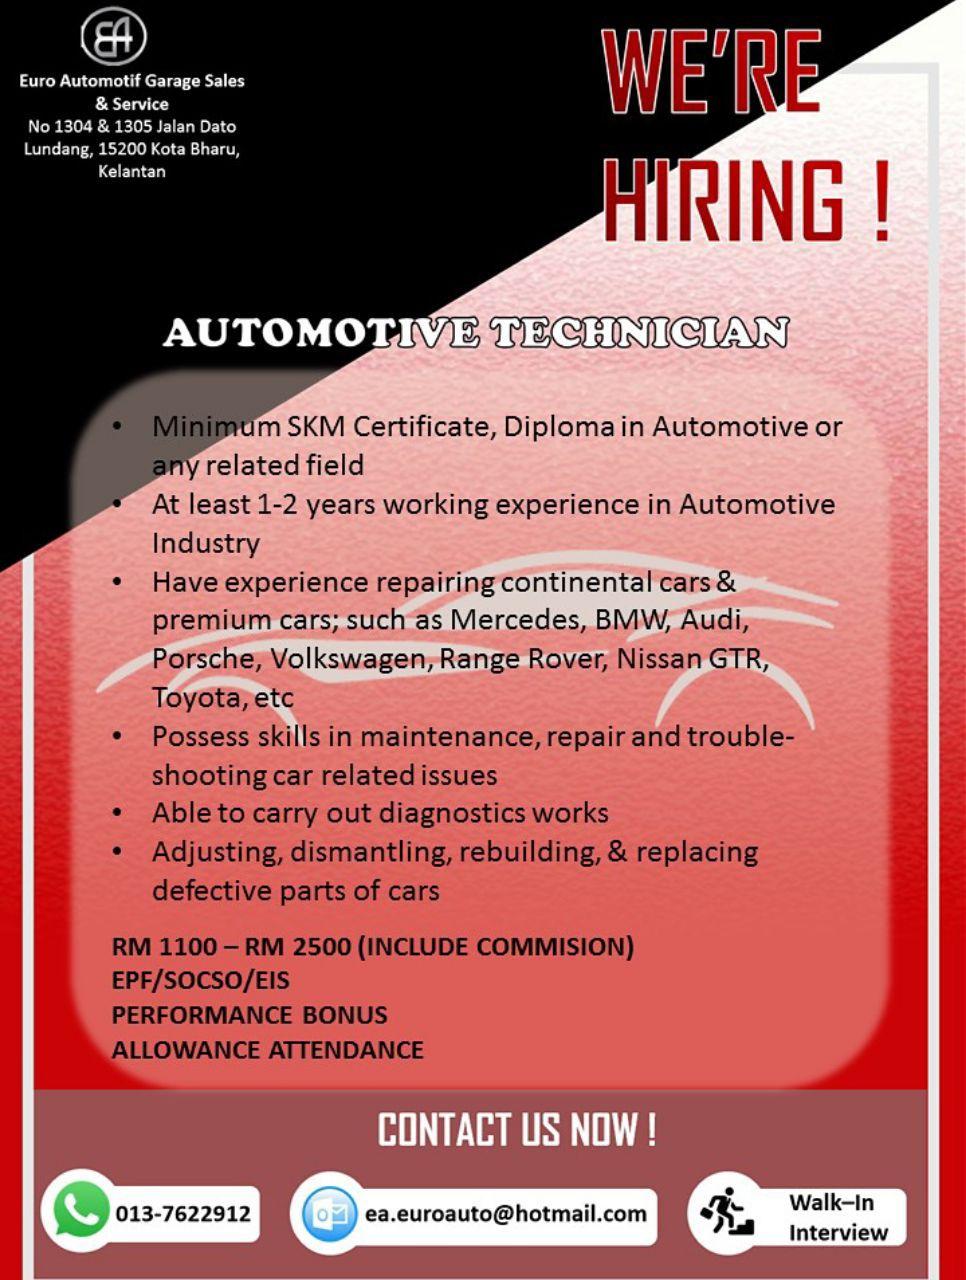 Euro Automotif Garage Sales and Service